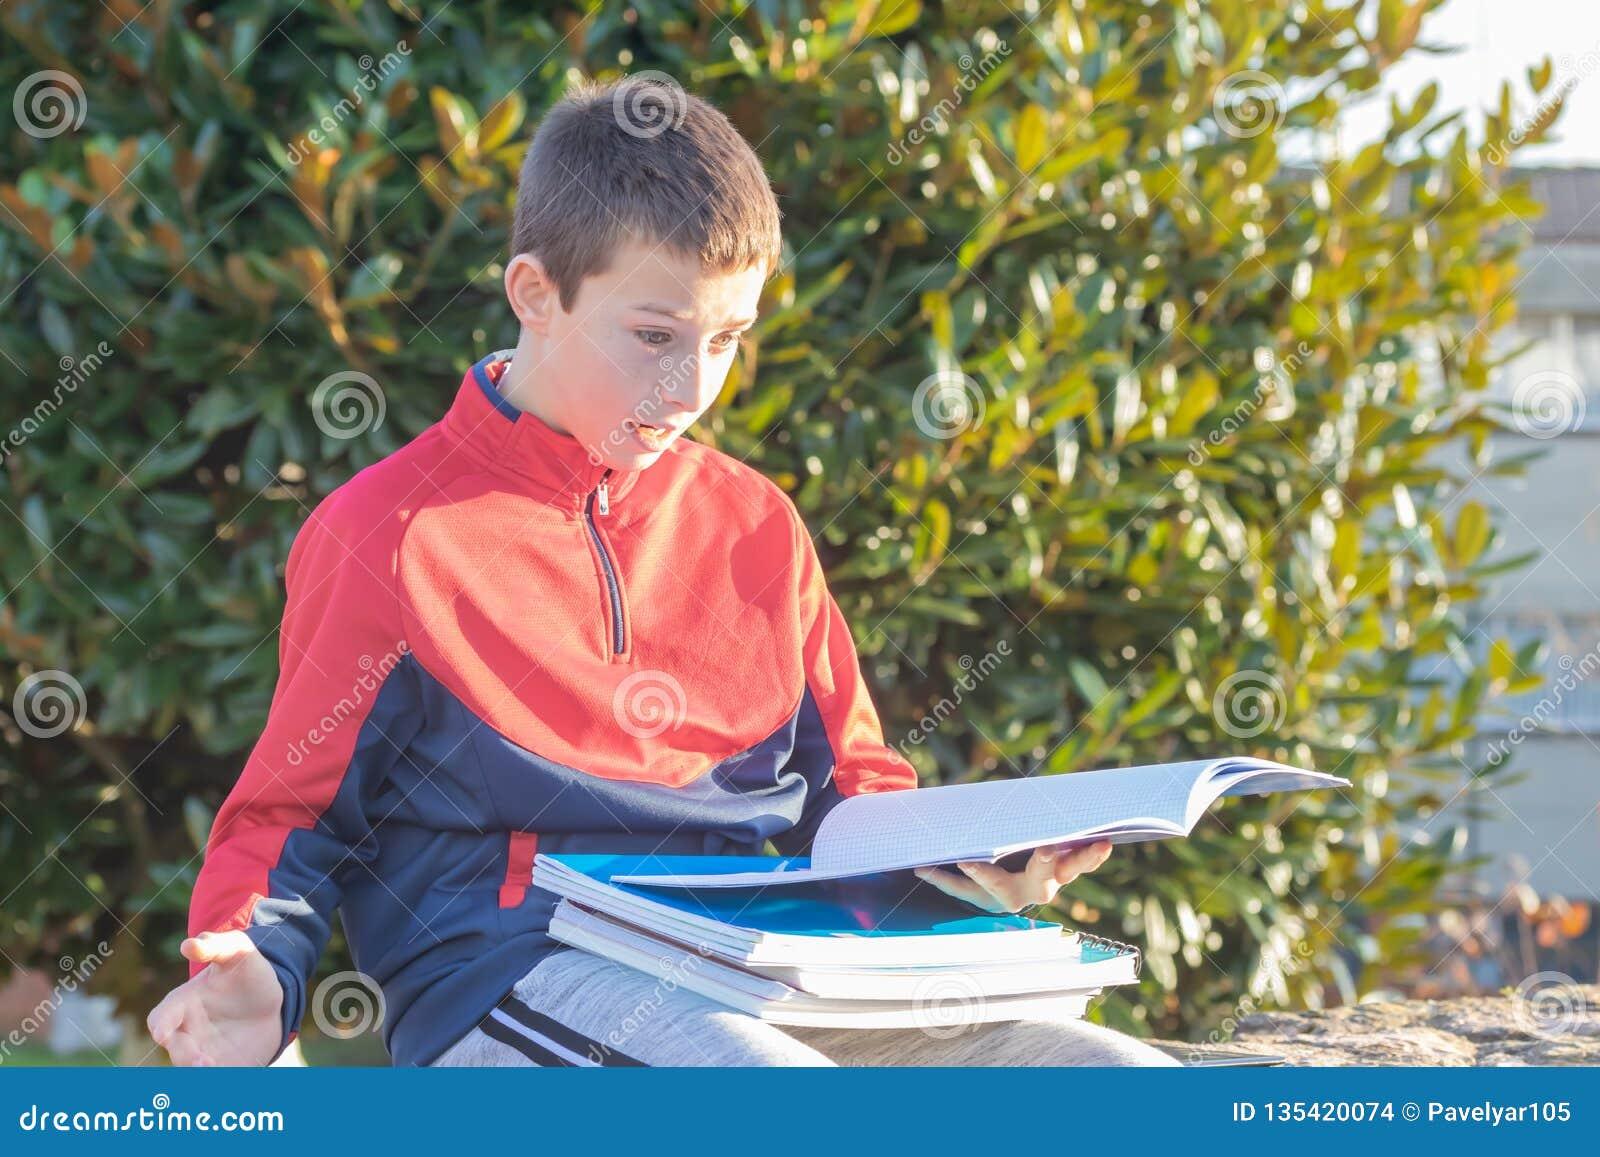 Έκπληκτος έφηβος με τα εγχειρίδια και τα σημειωματάρια